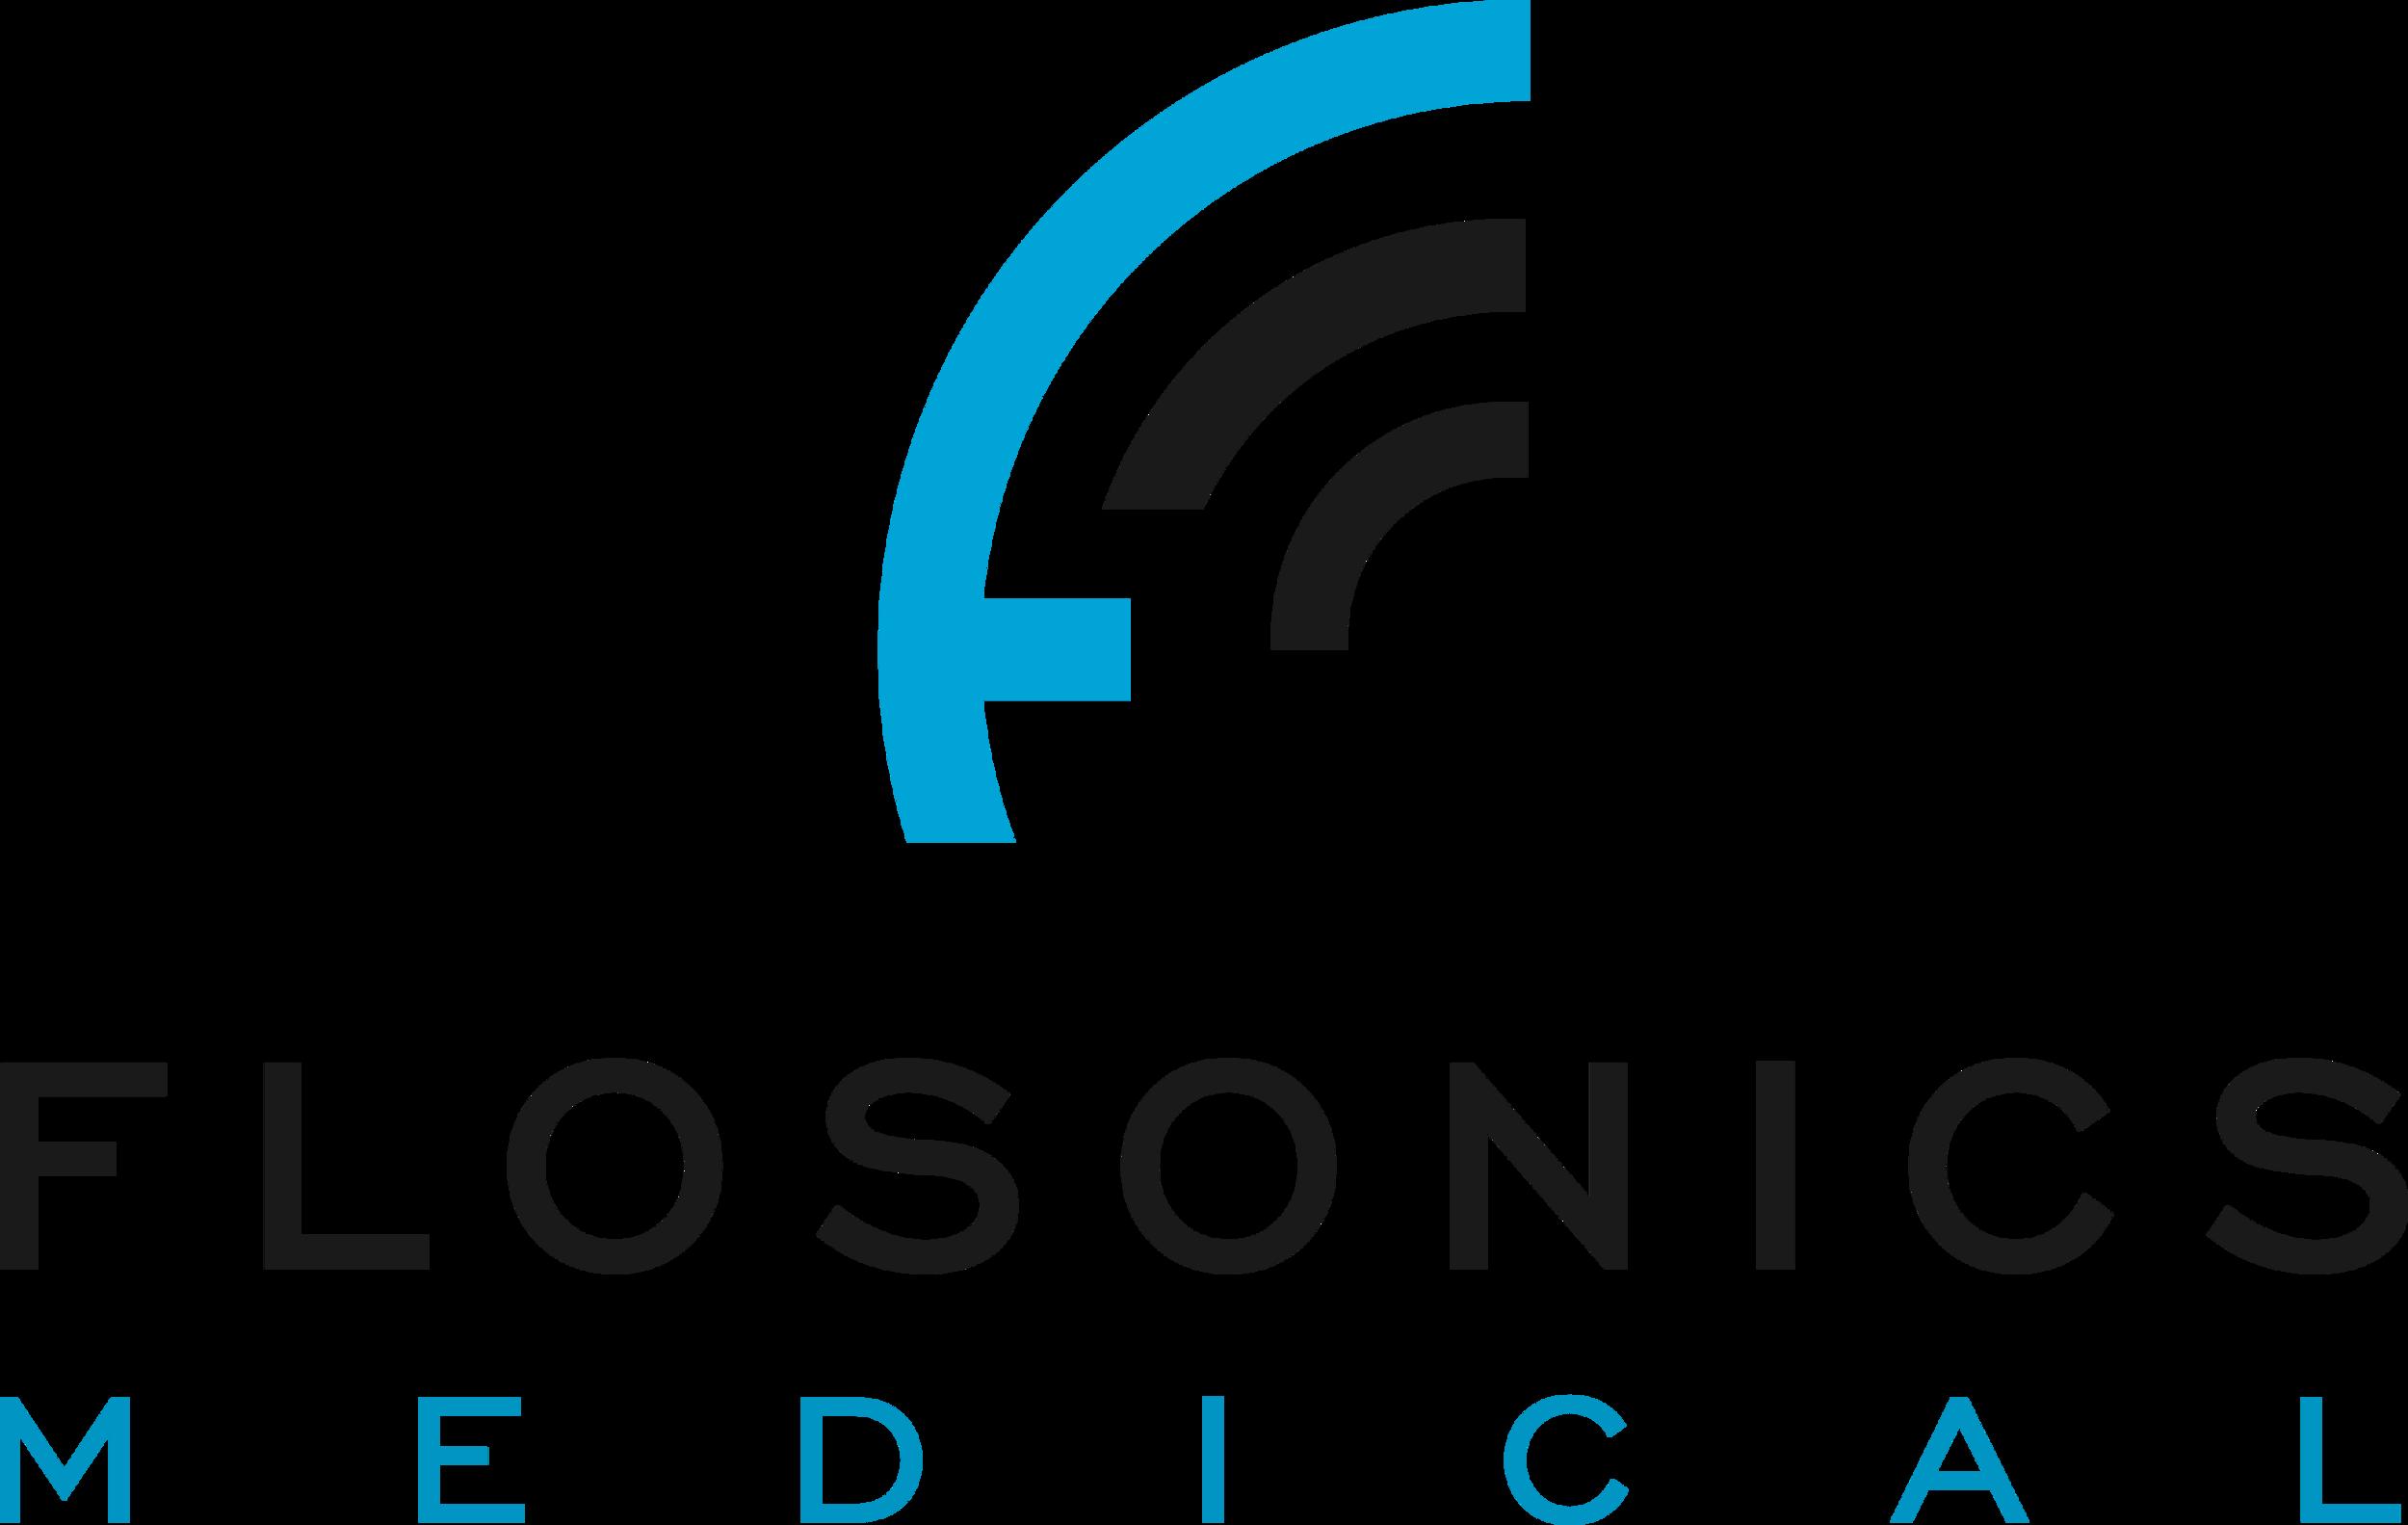 Flosonics Medical -  PNG Format.png